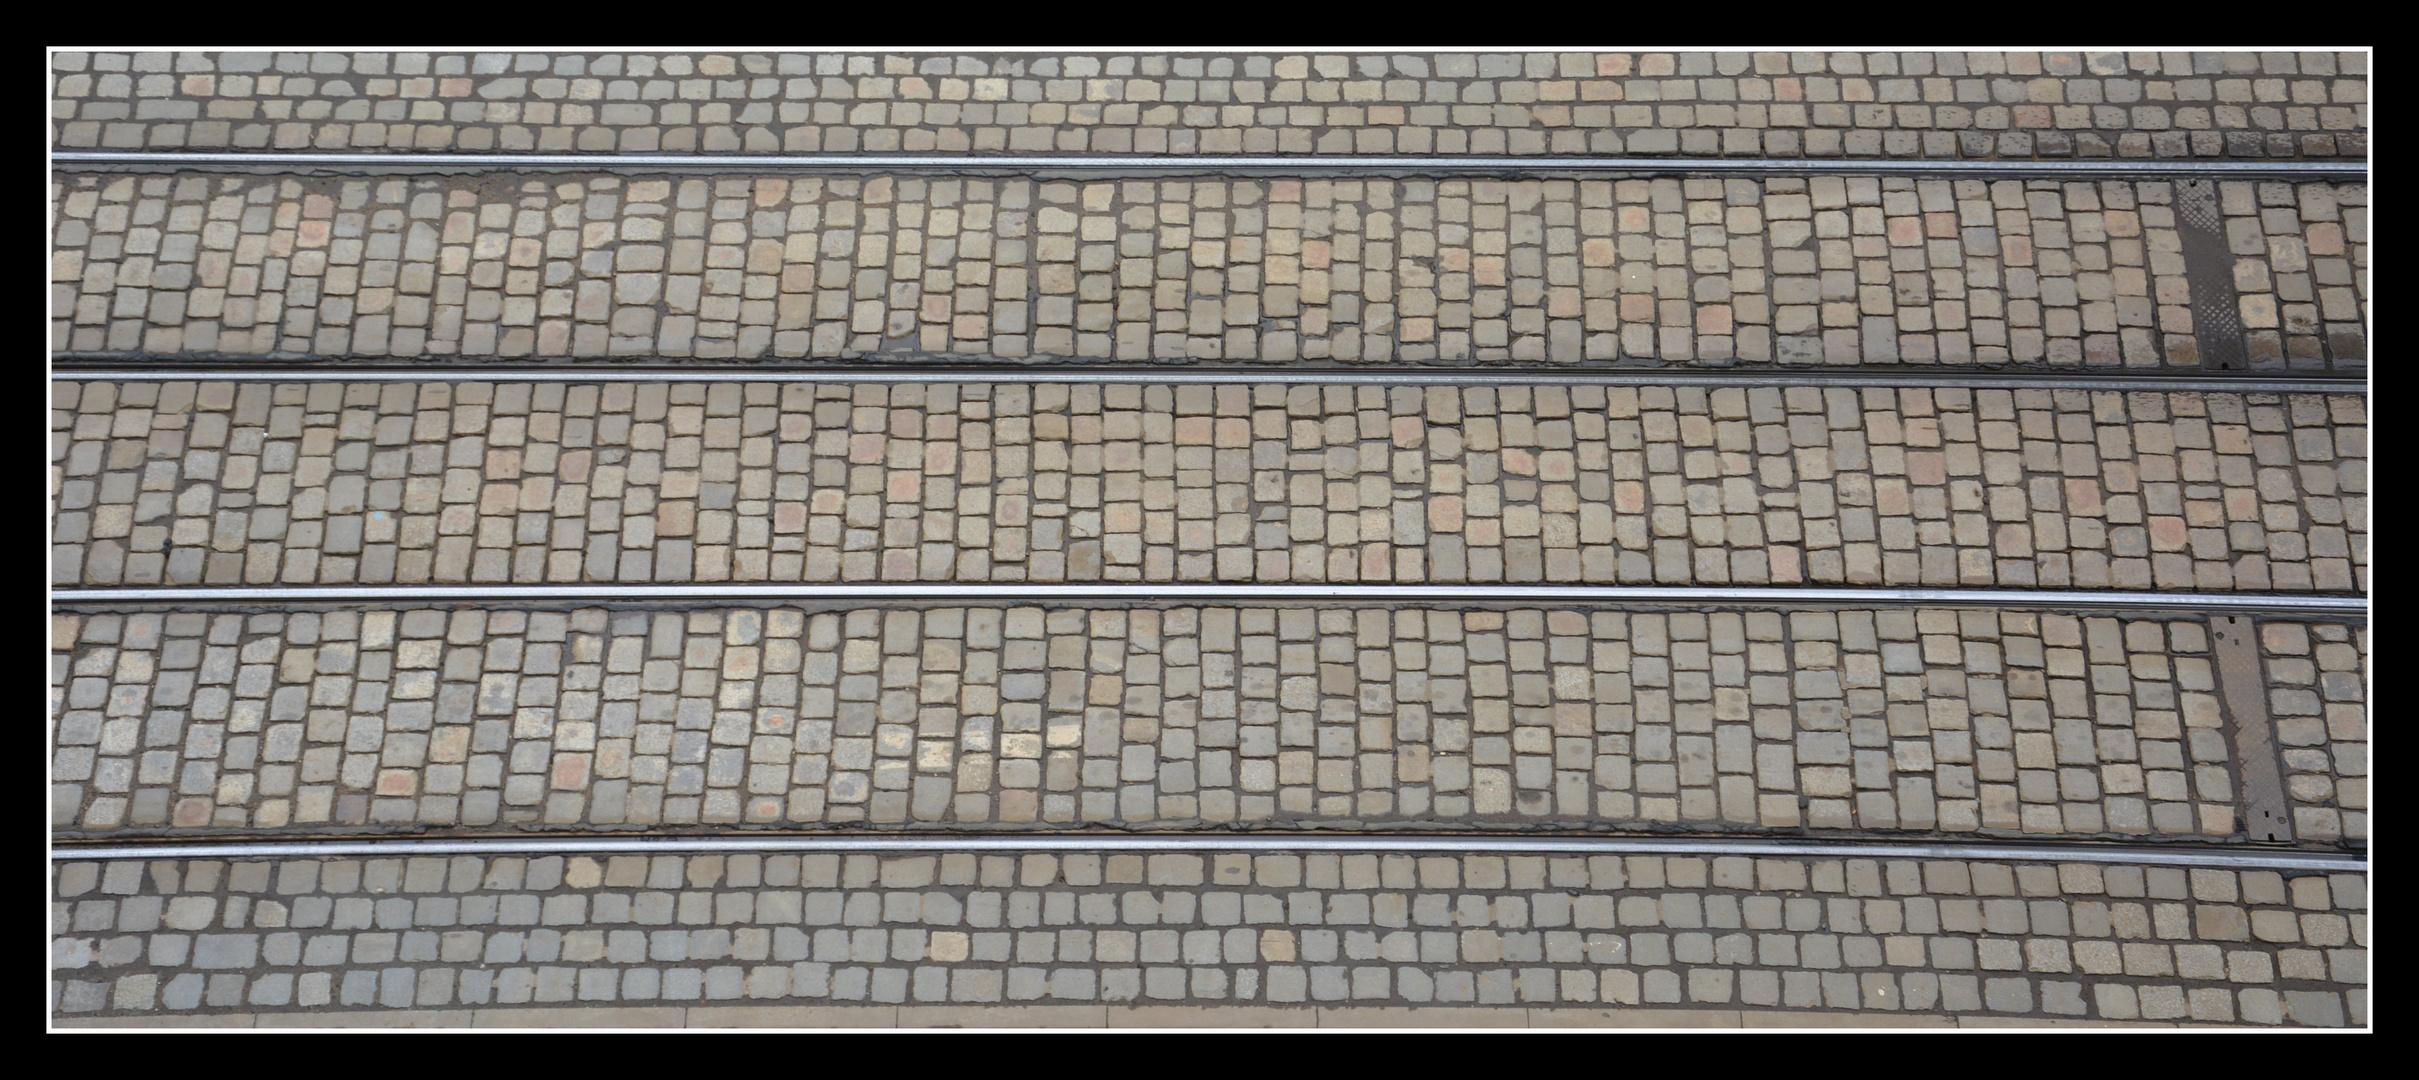 Breslau (Wroclaw) Historisches Straßenbahnpflaster